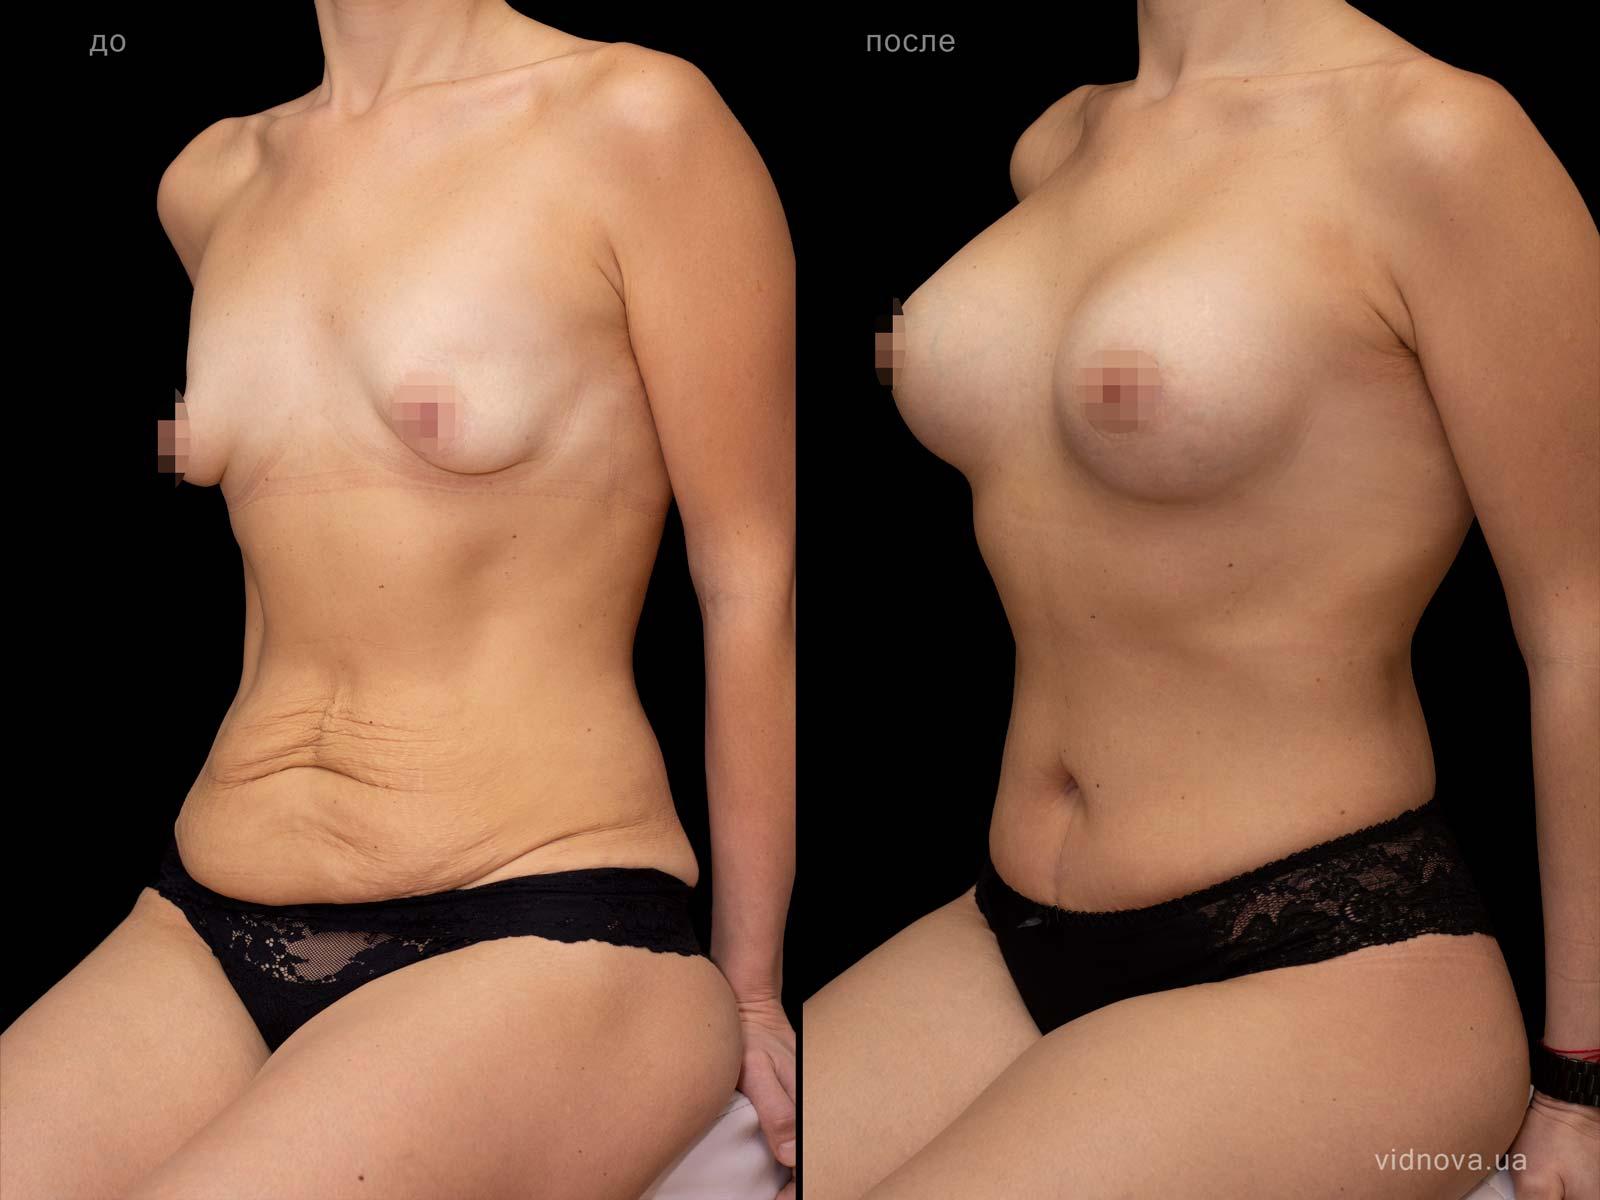 Пластика груди: результаты до и после - Пример №97-0 - Светлана Работенко